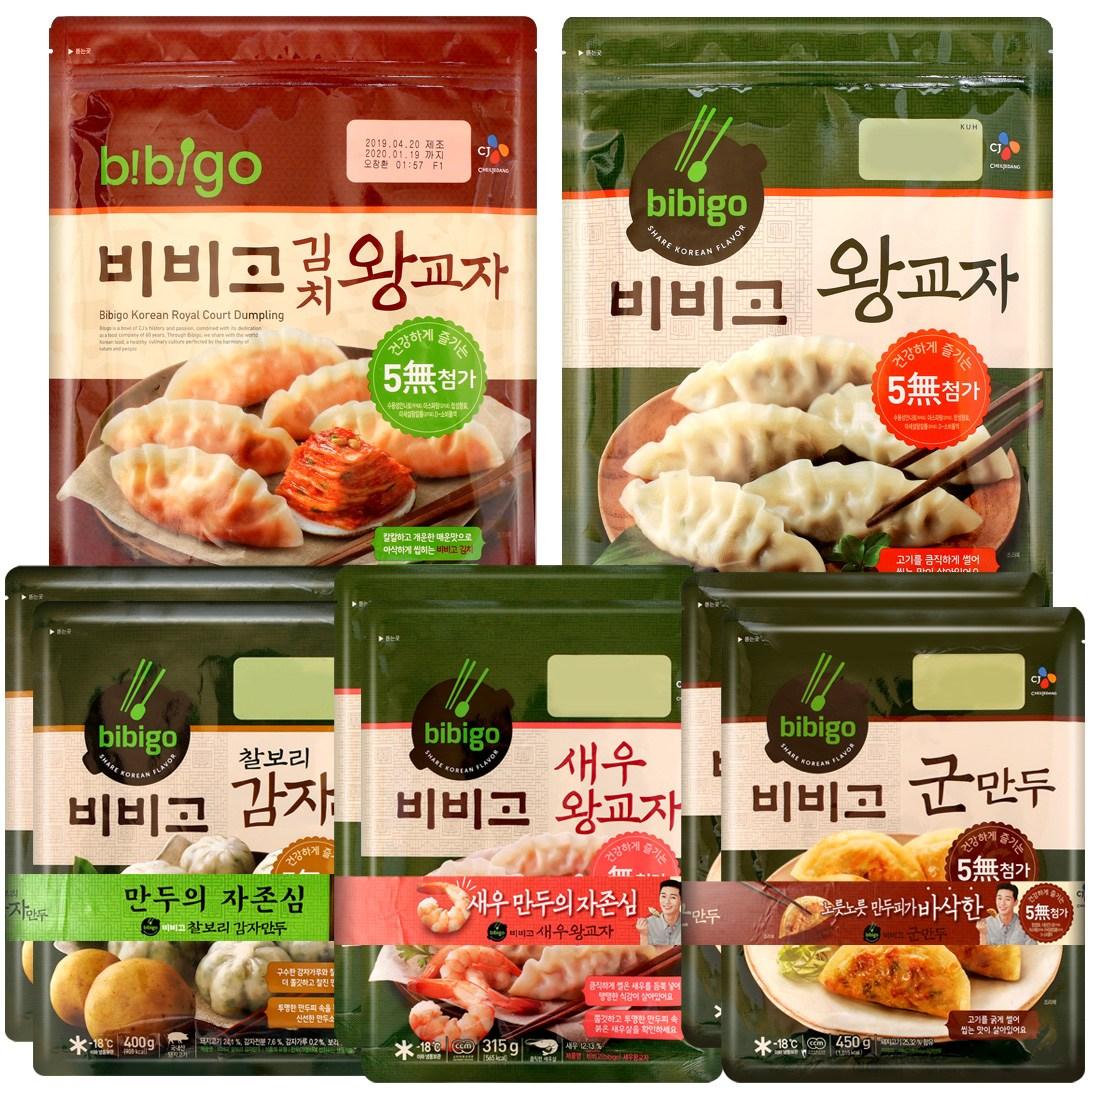 비비고 만두기획 왕교자 김치 새우 군만두 찰보리감자, 03 (CJ) 비비고 만두 C 세트